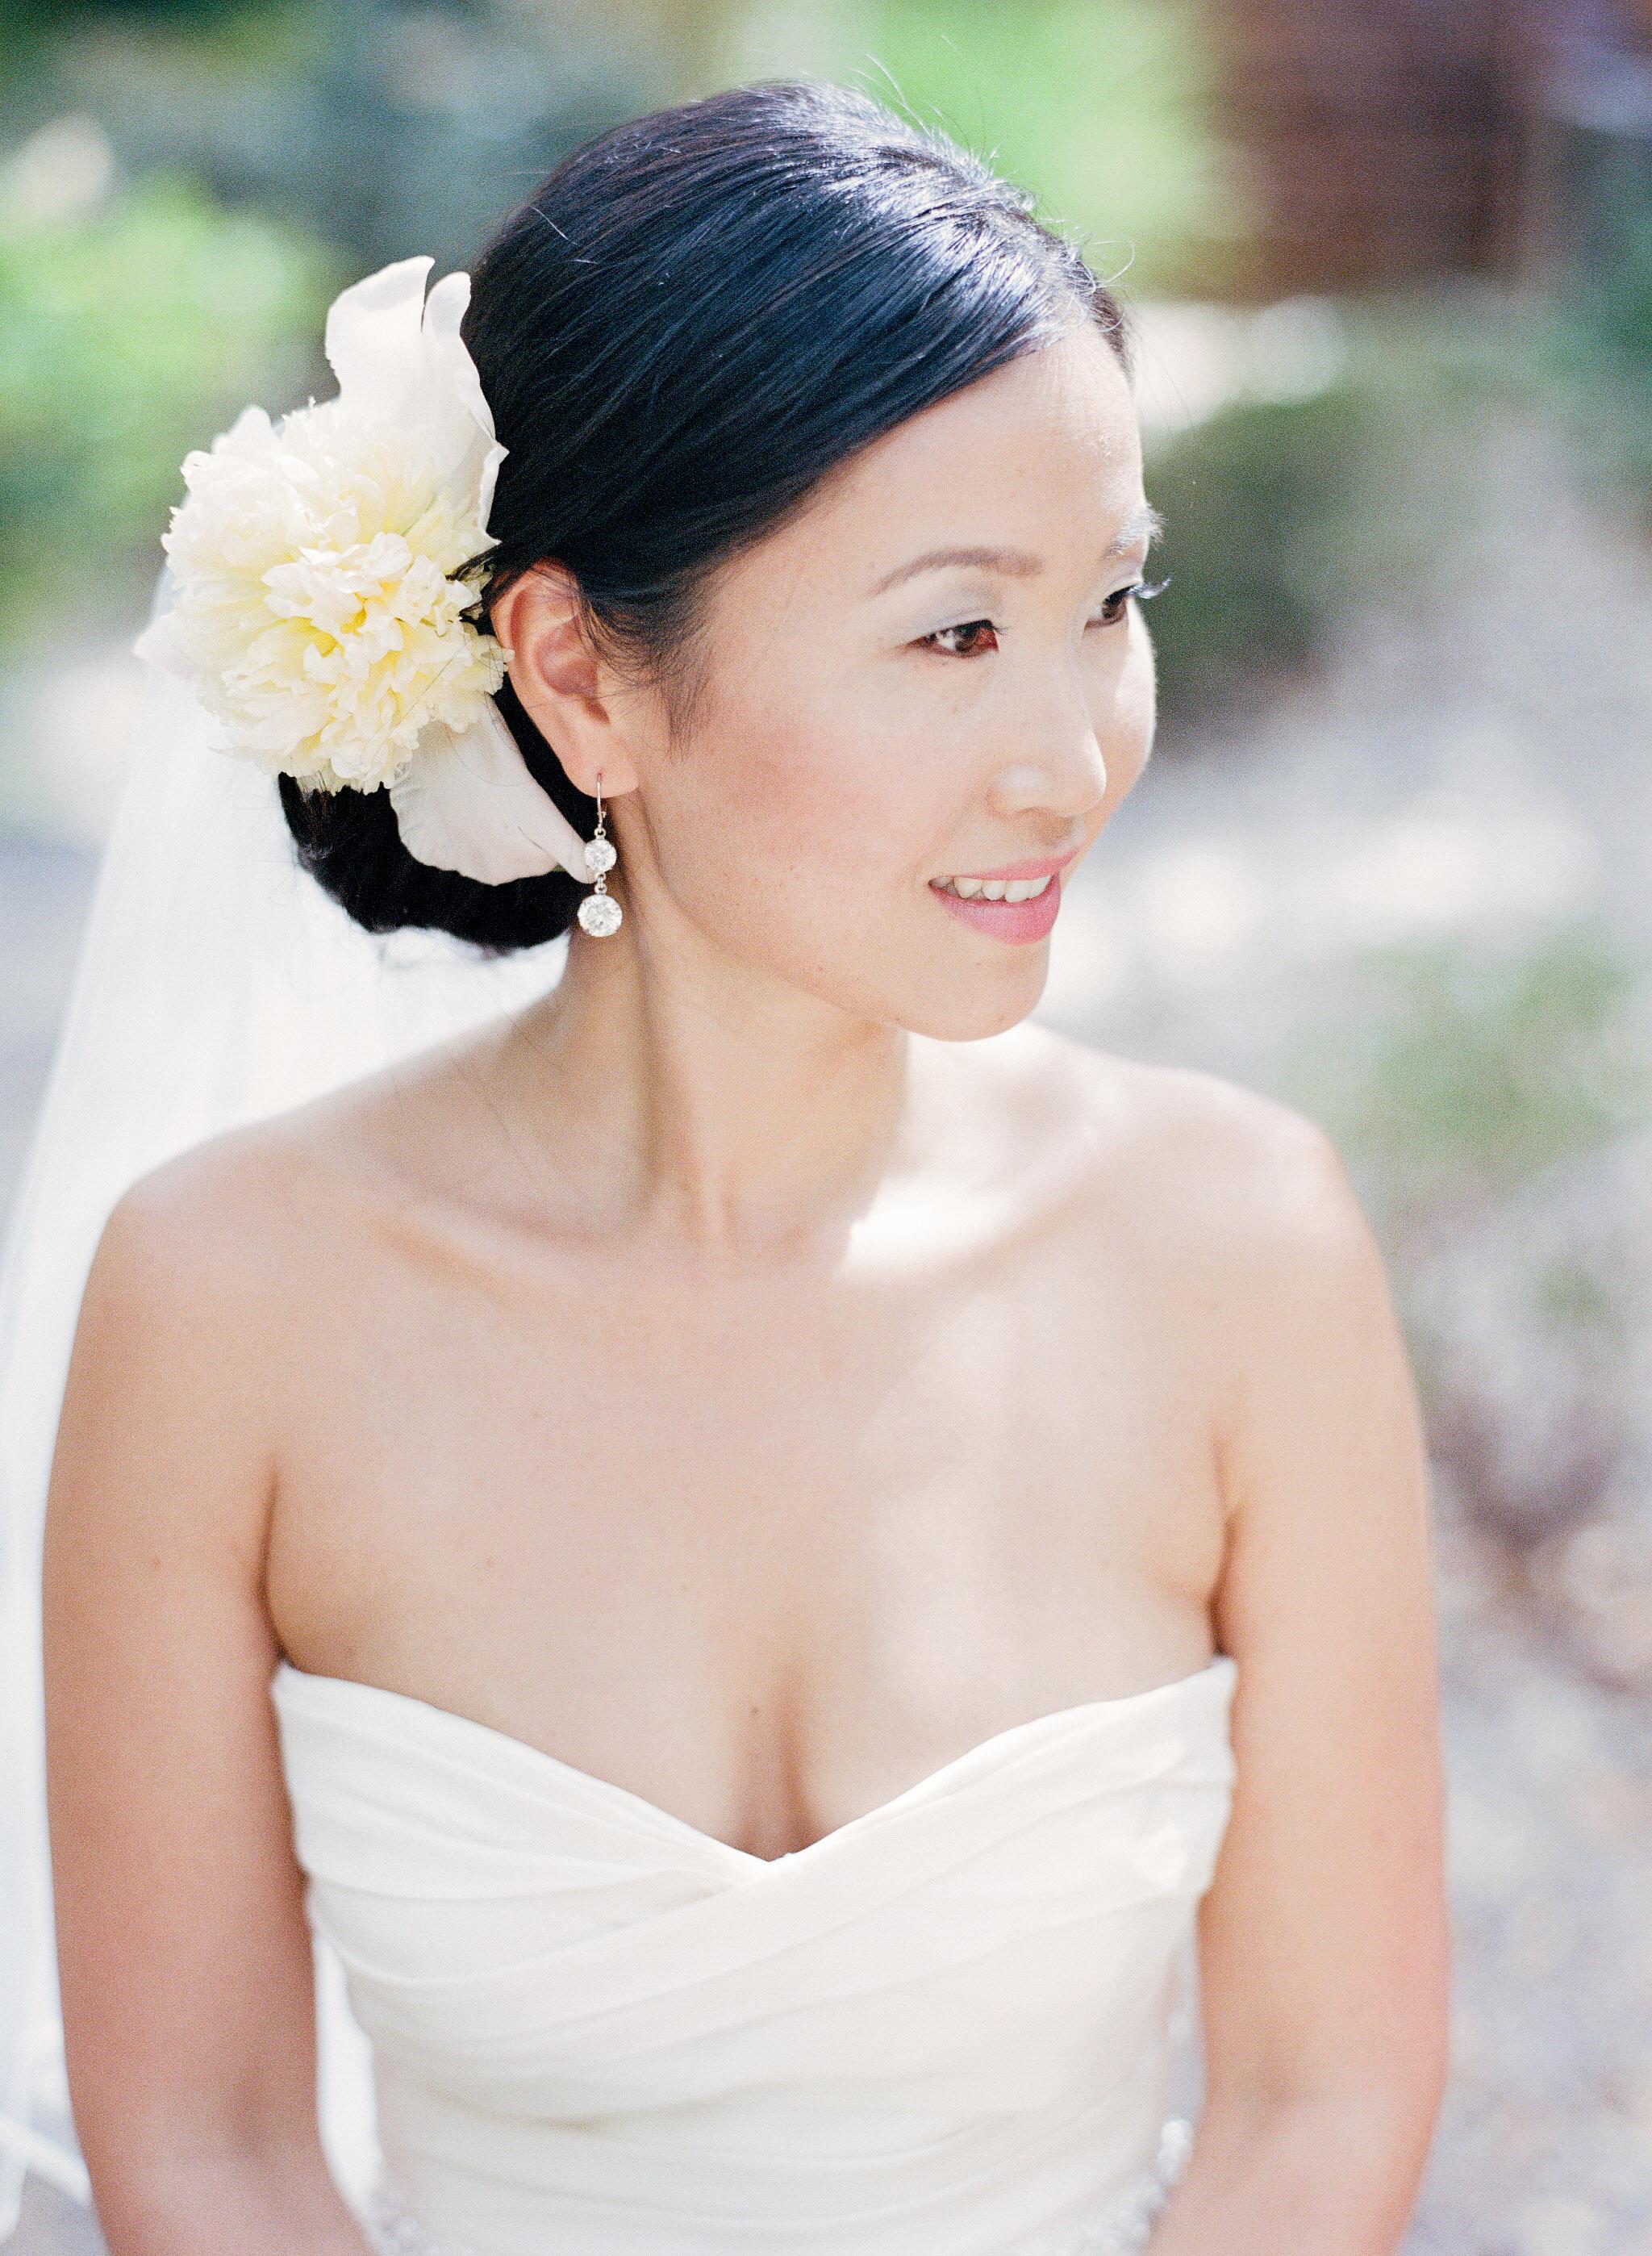 SylvieGil-Bride, Ceremony, Family, film, Groom, Napa, Reception, Wedding, Wedding Party-10.jpg